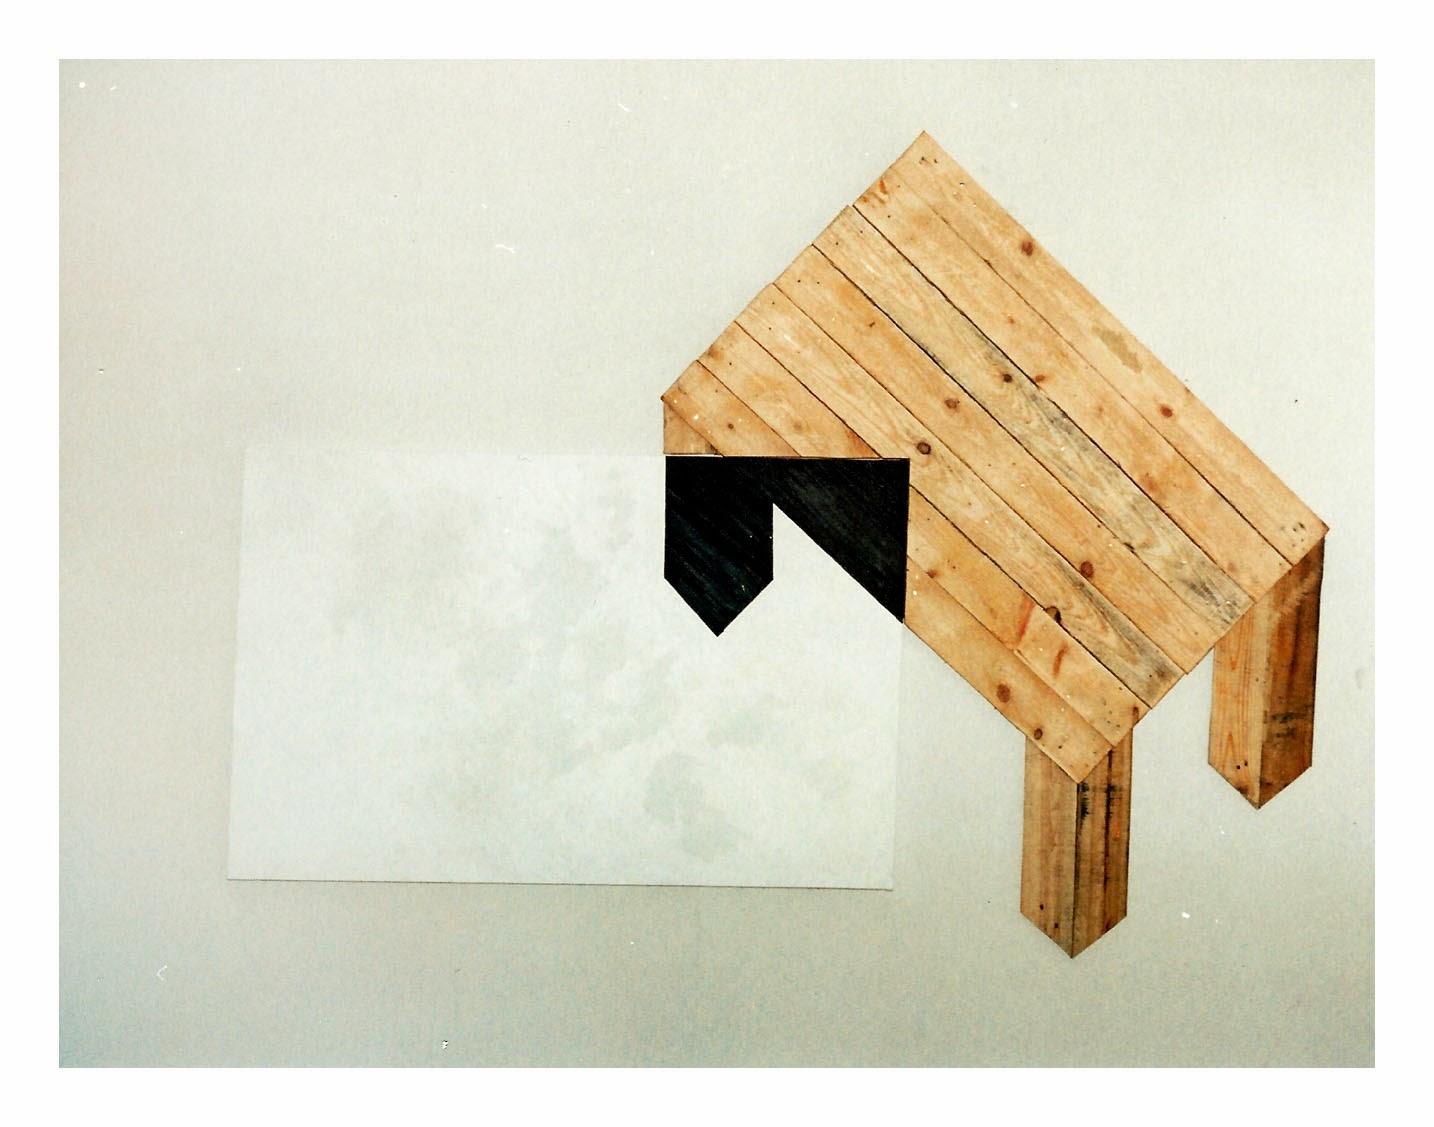 juan mercado intersecciones / arquitecturas domésticas